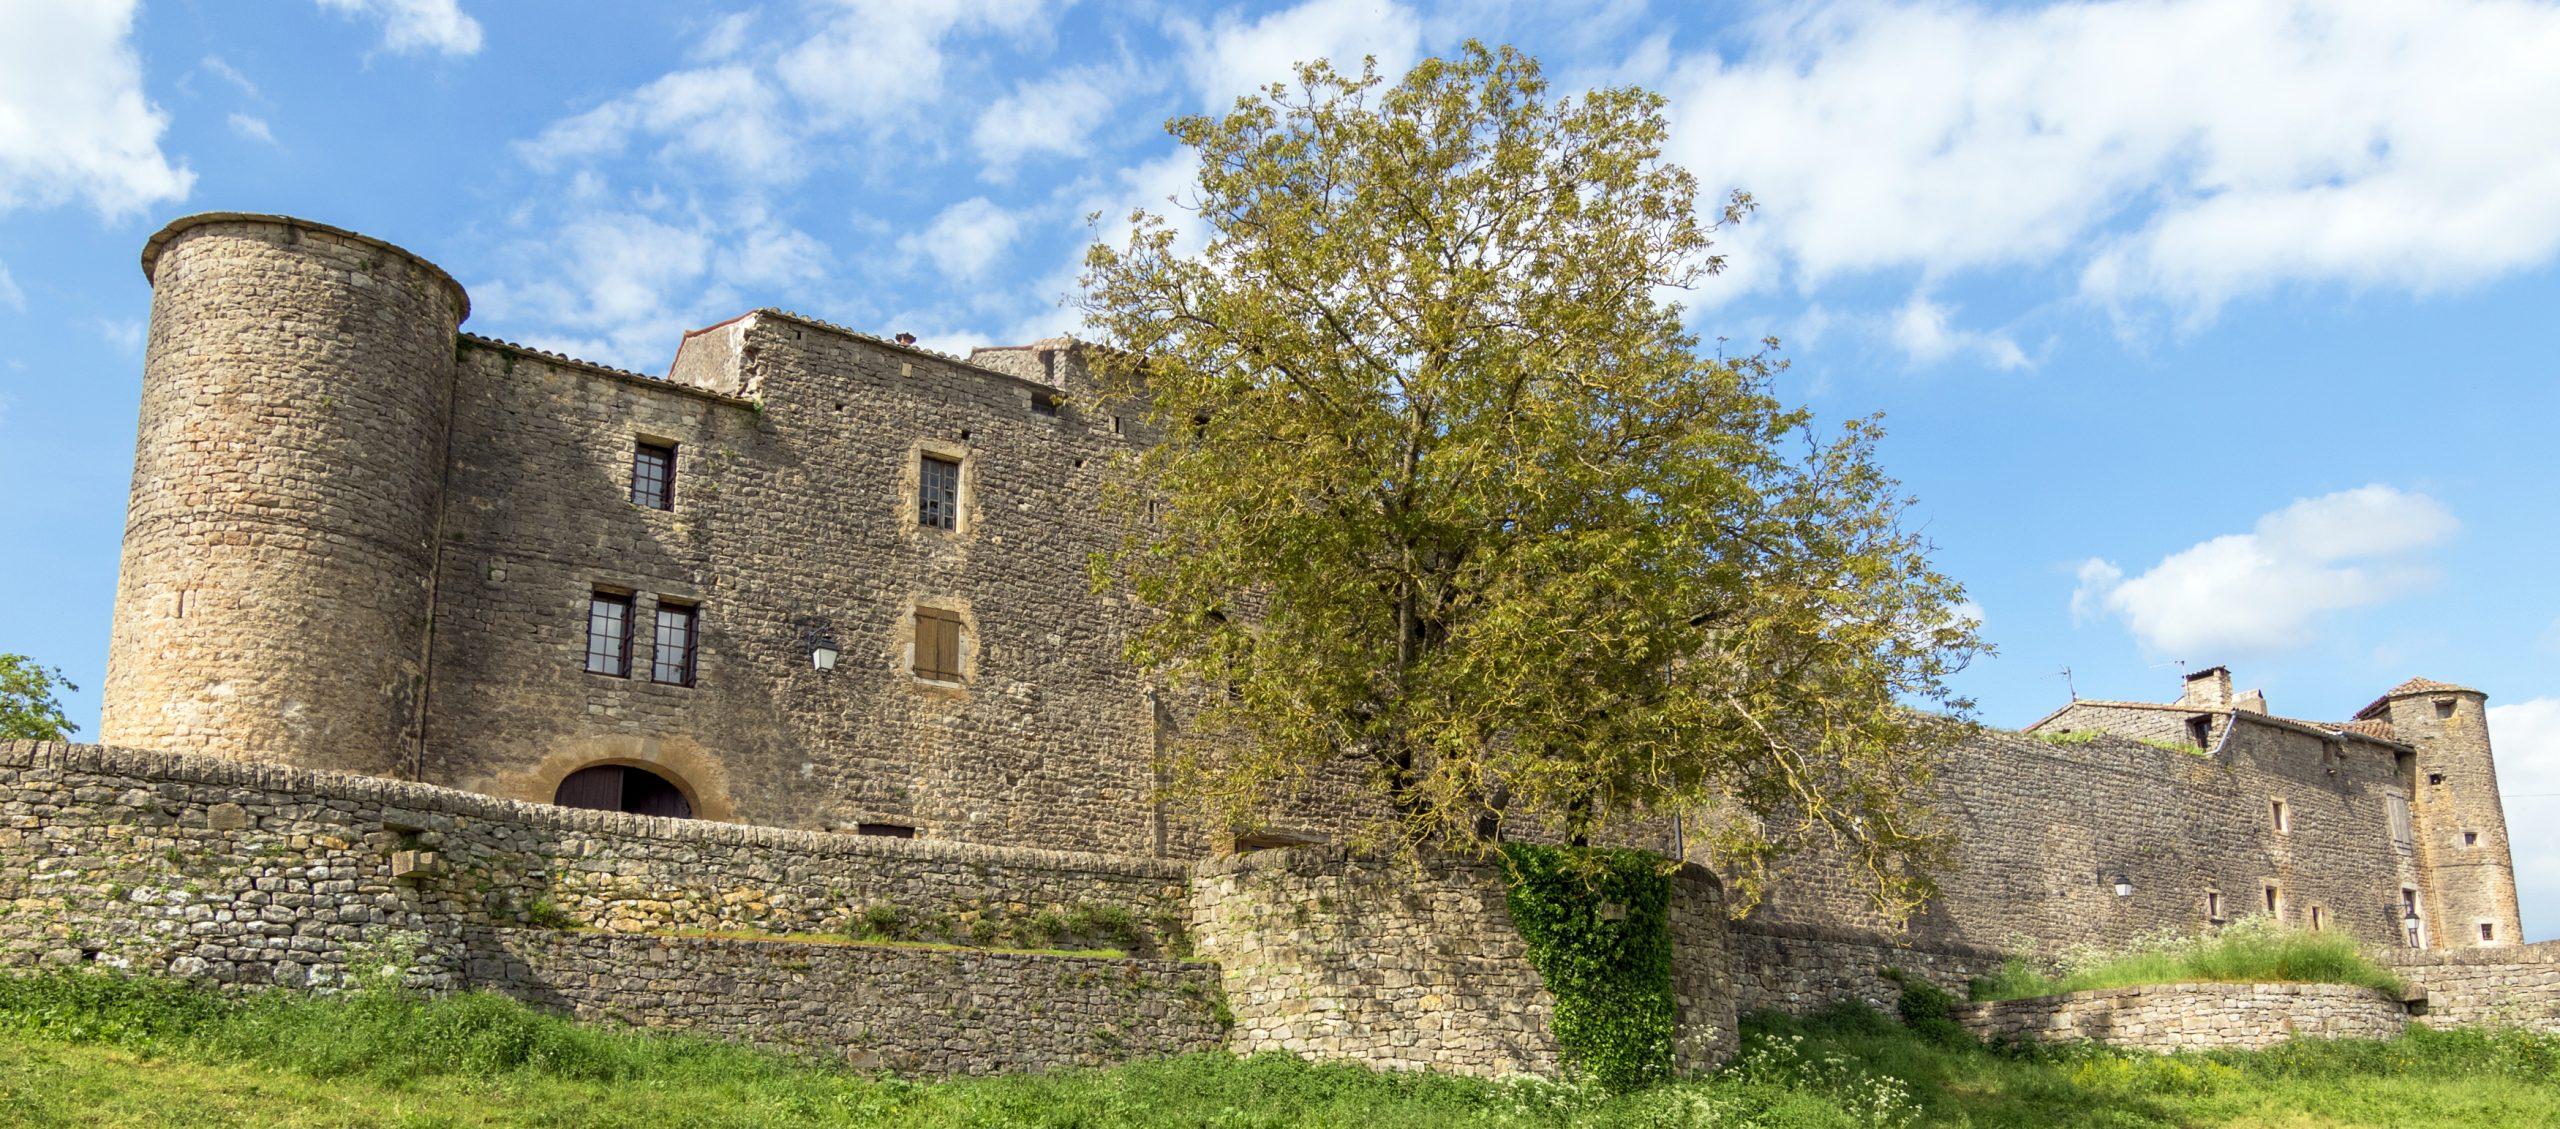 Saint-Jean-et-Saint-Paul